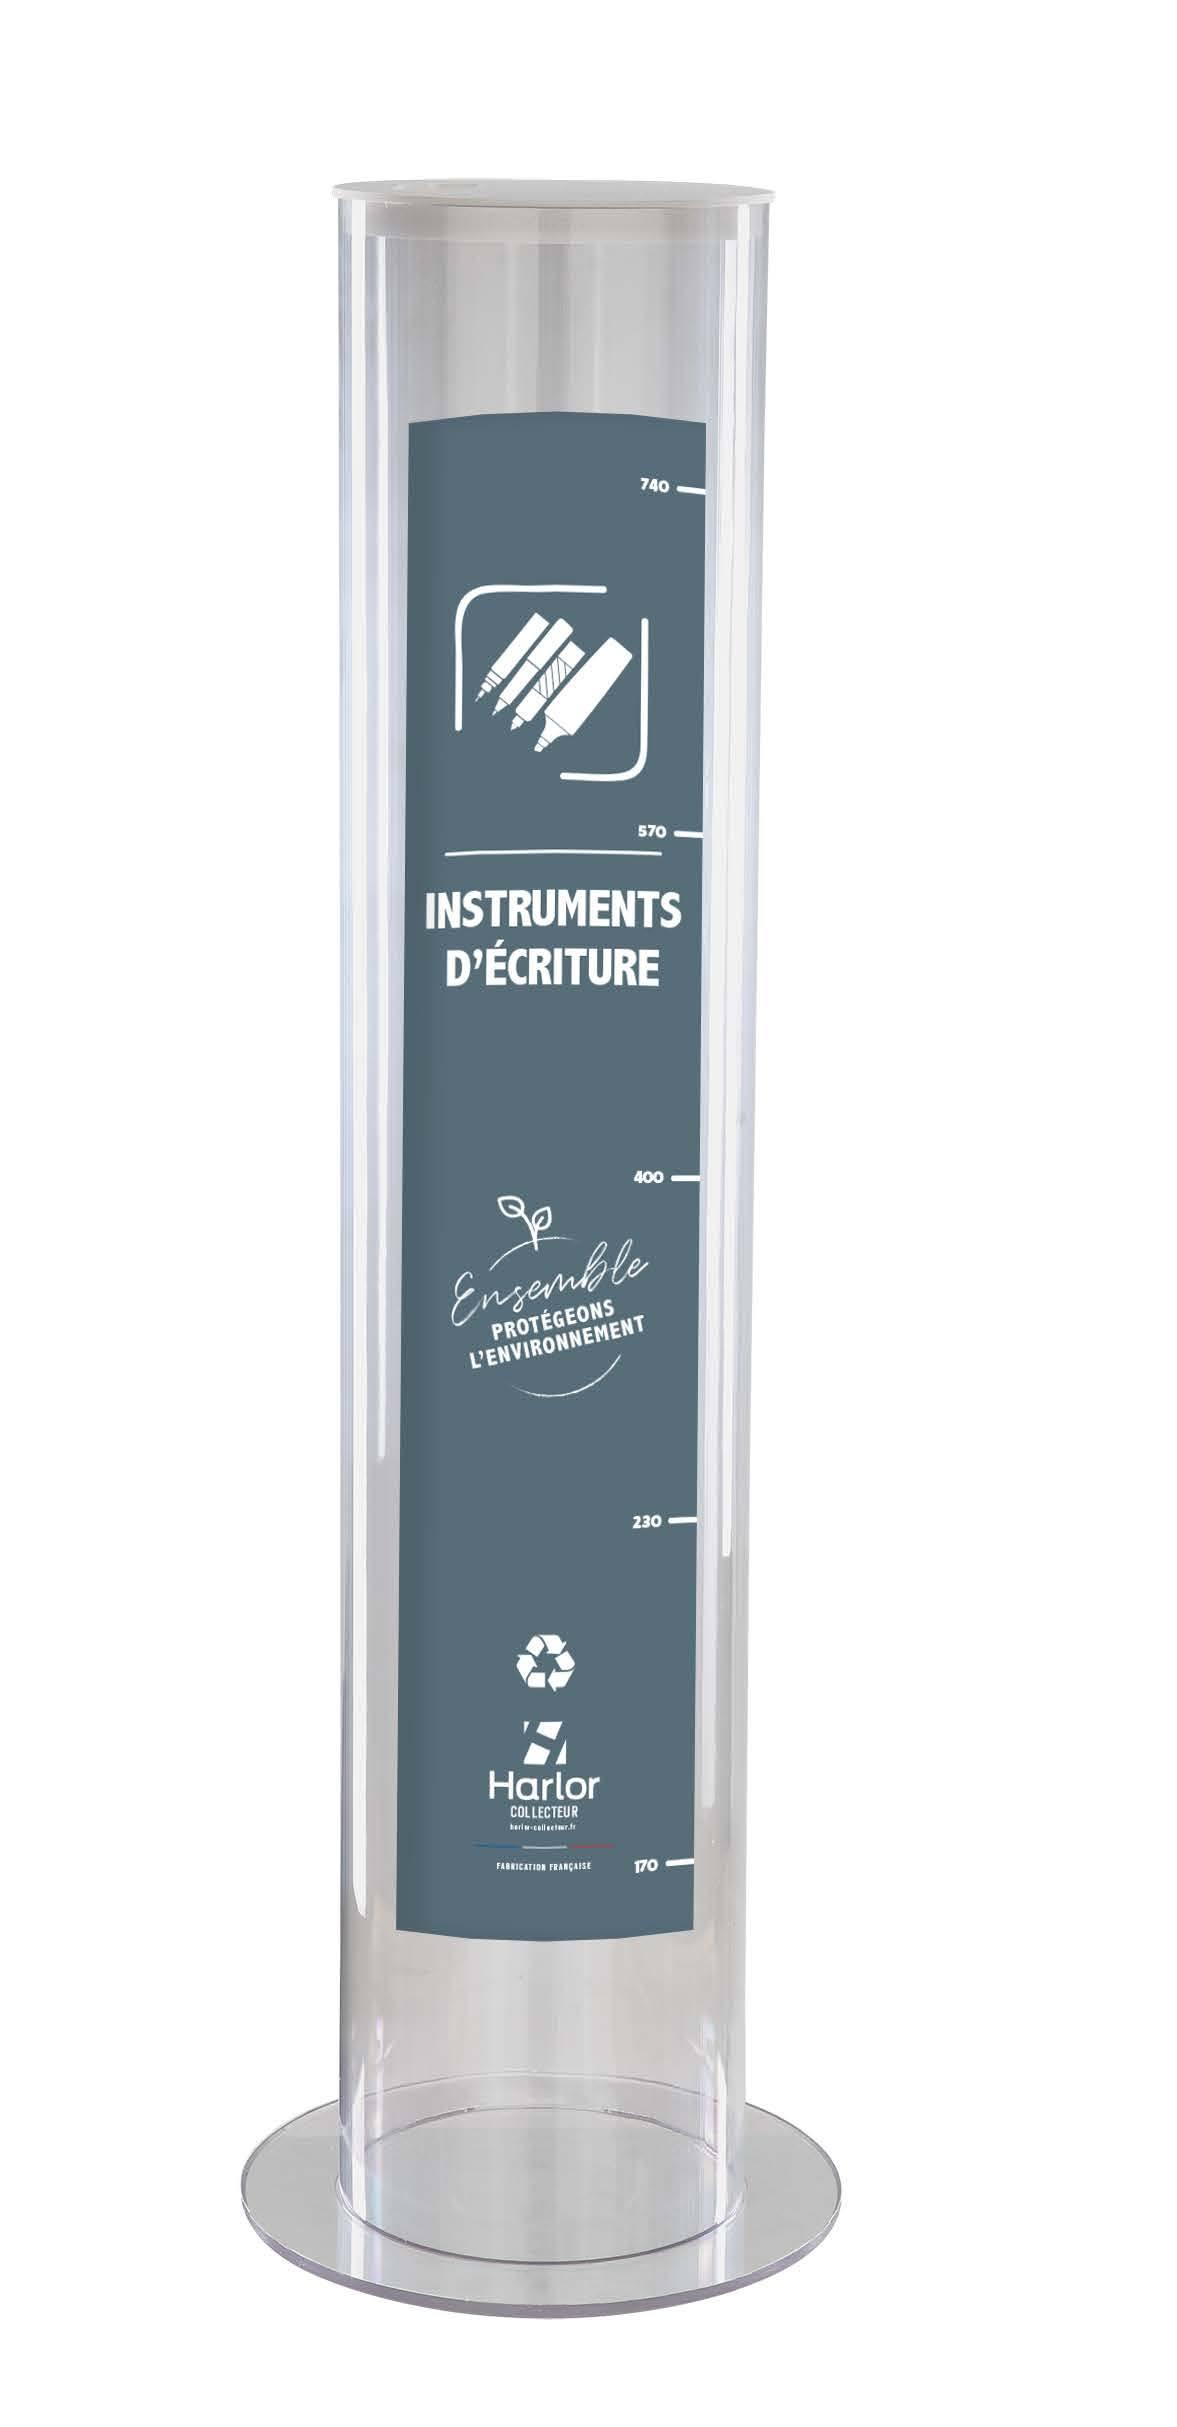 Harlor Collecteur - Collecteur d'instruments d'écriture modèle 30L